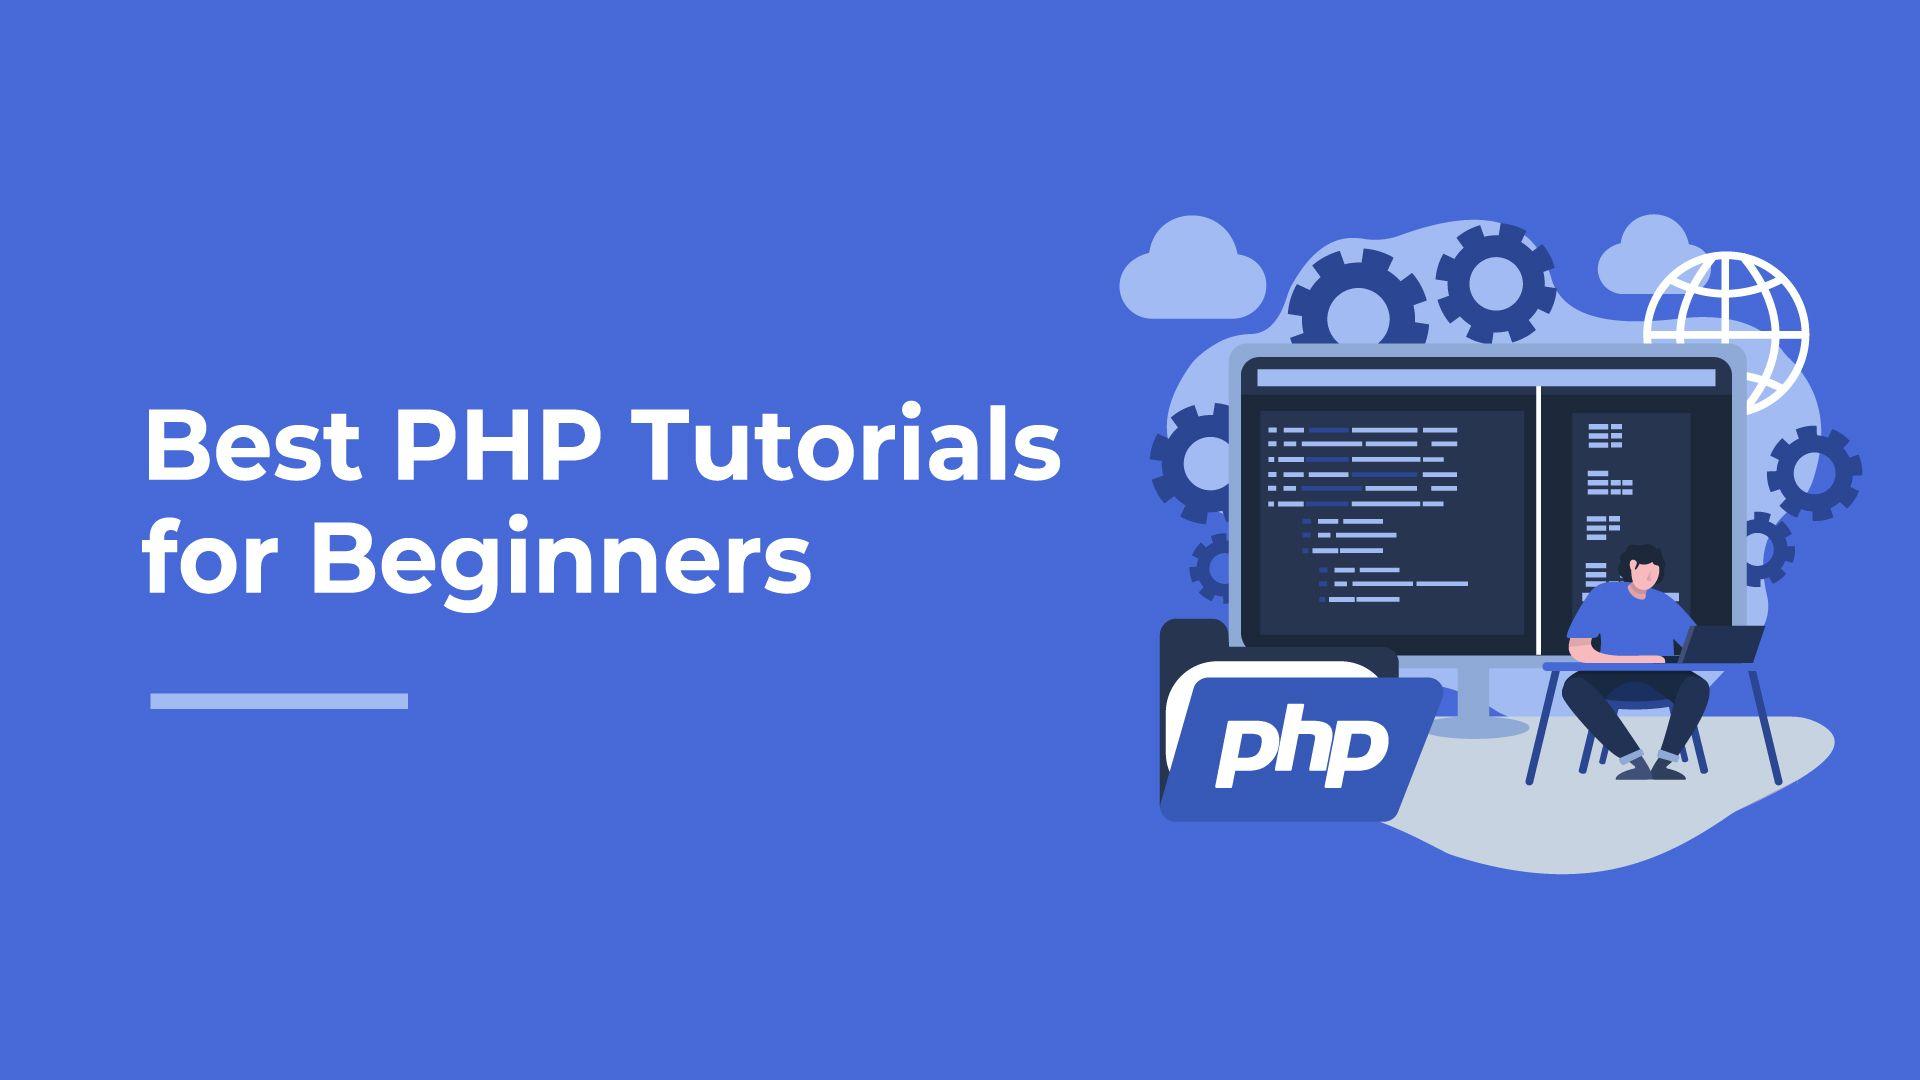 Yeni Başlayanlar İçin En İyi PHP Eğitimleri